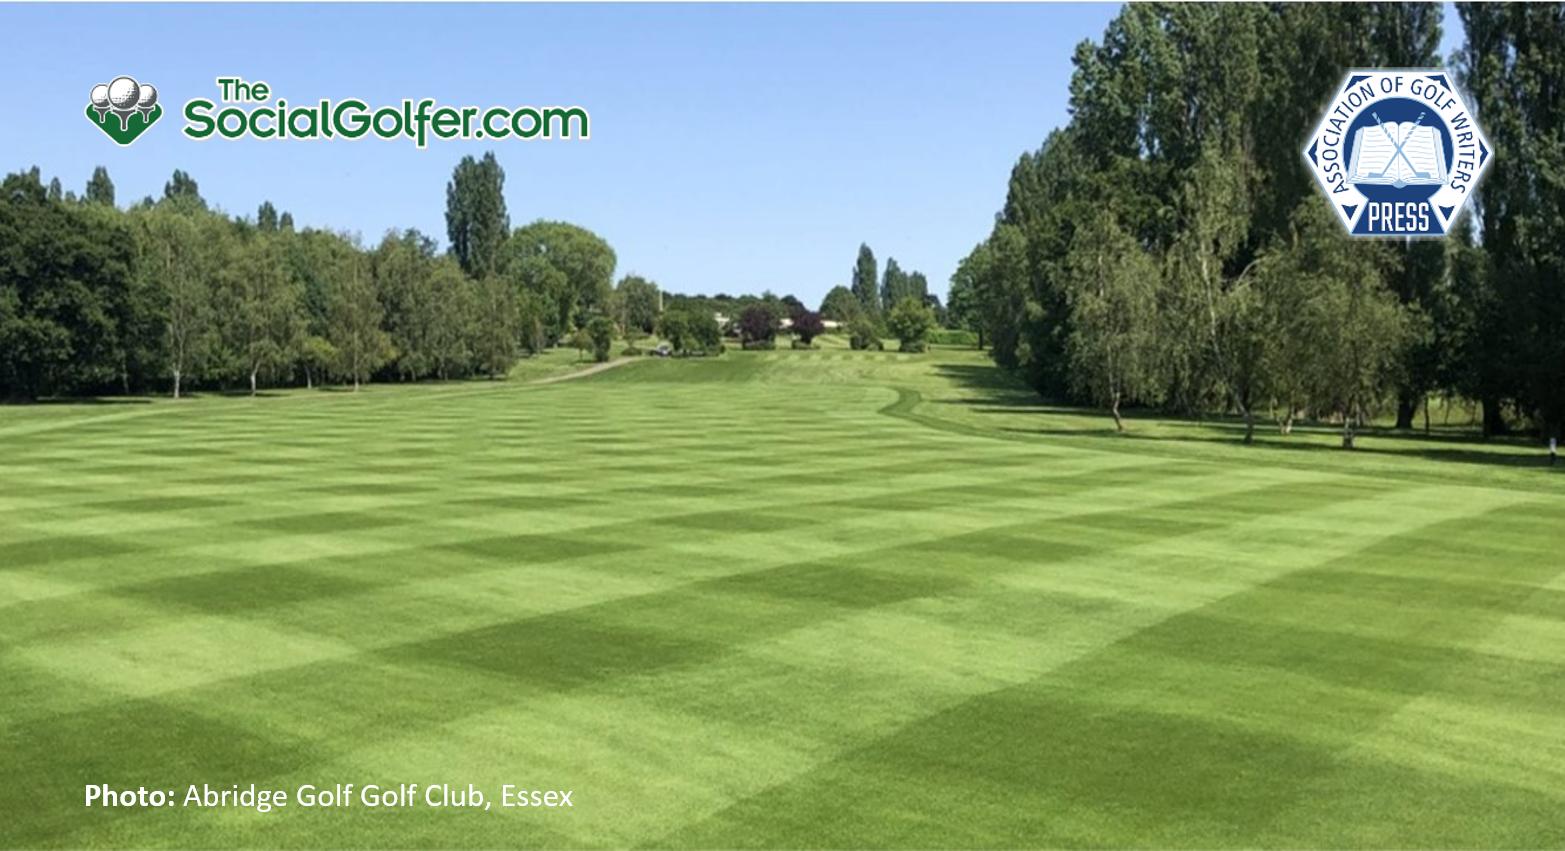 bridge Golf Club, Essex - thesocialgolfer.com